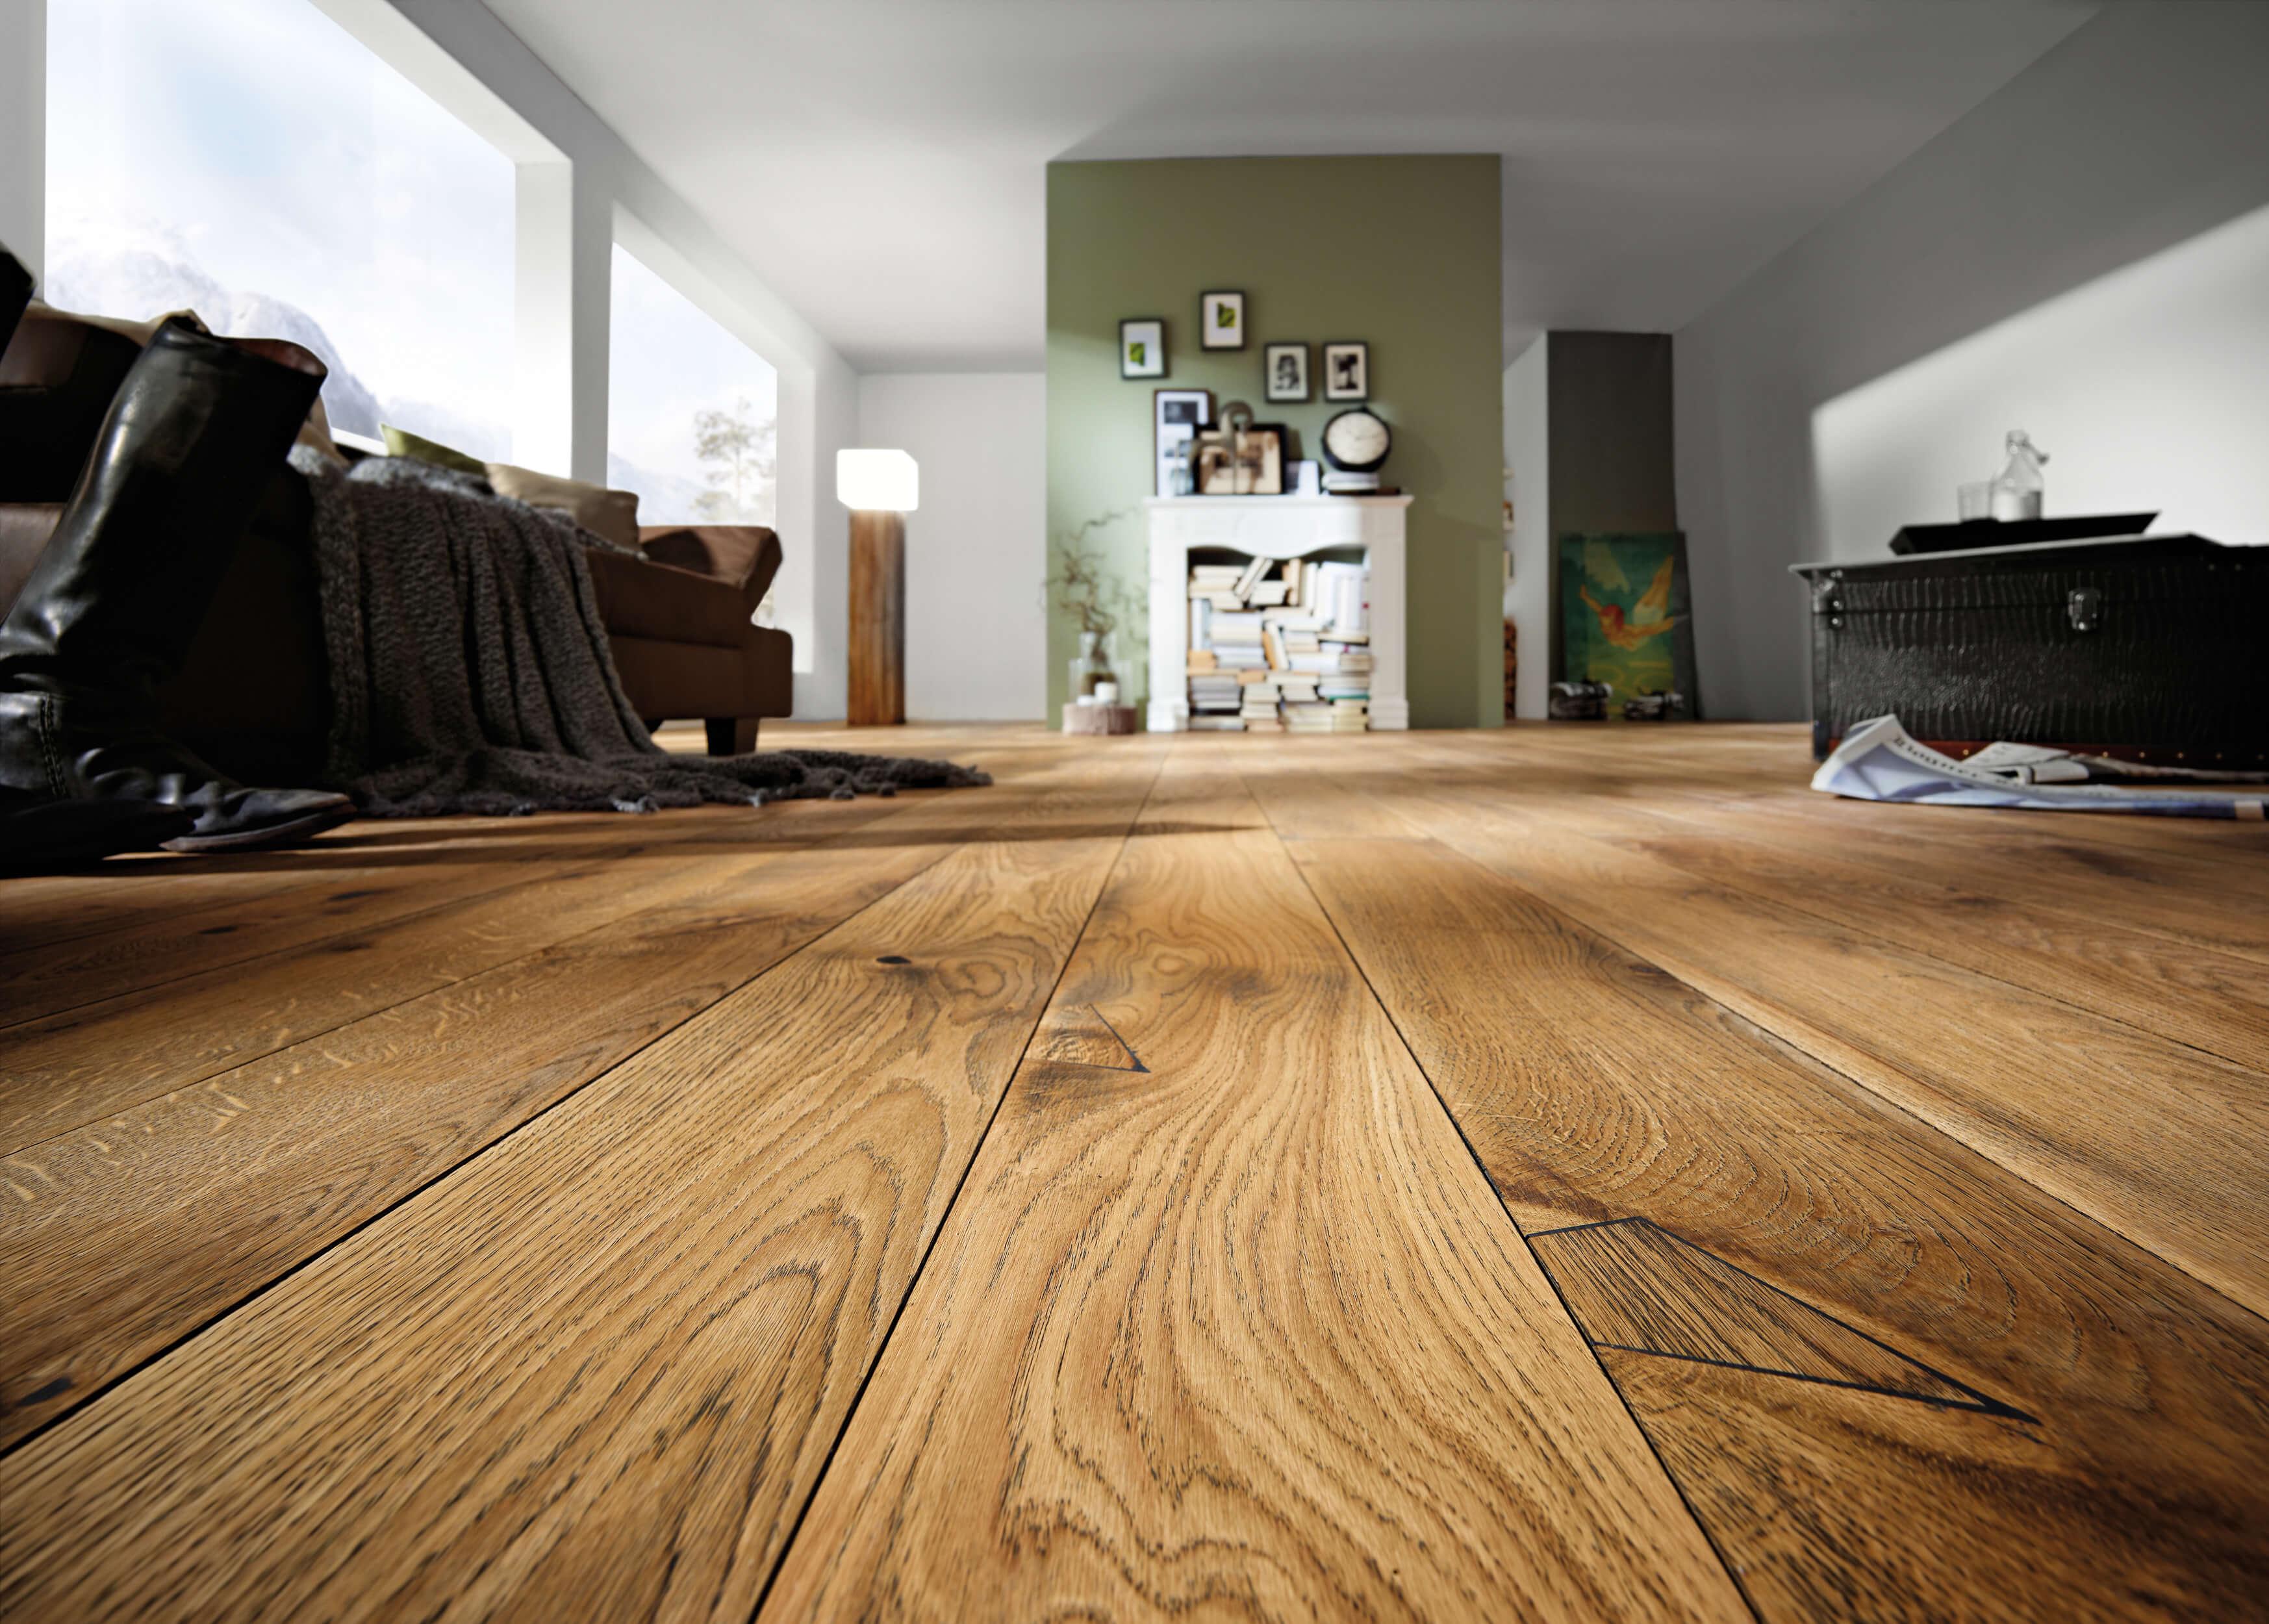 holzboden schreinerei roth und schwarz. Black Bedroom Furniture Sets. Home Design Ideas